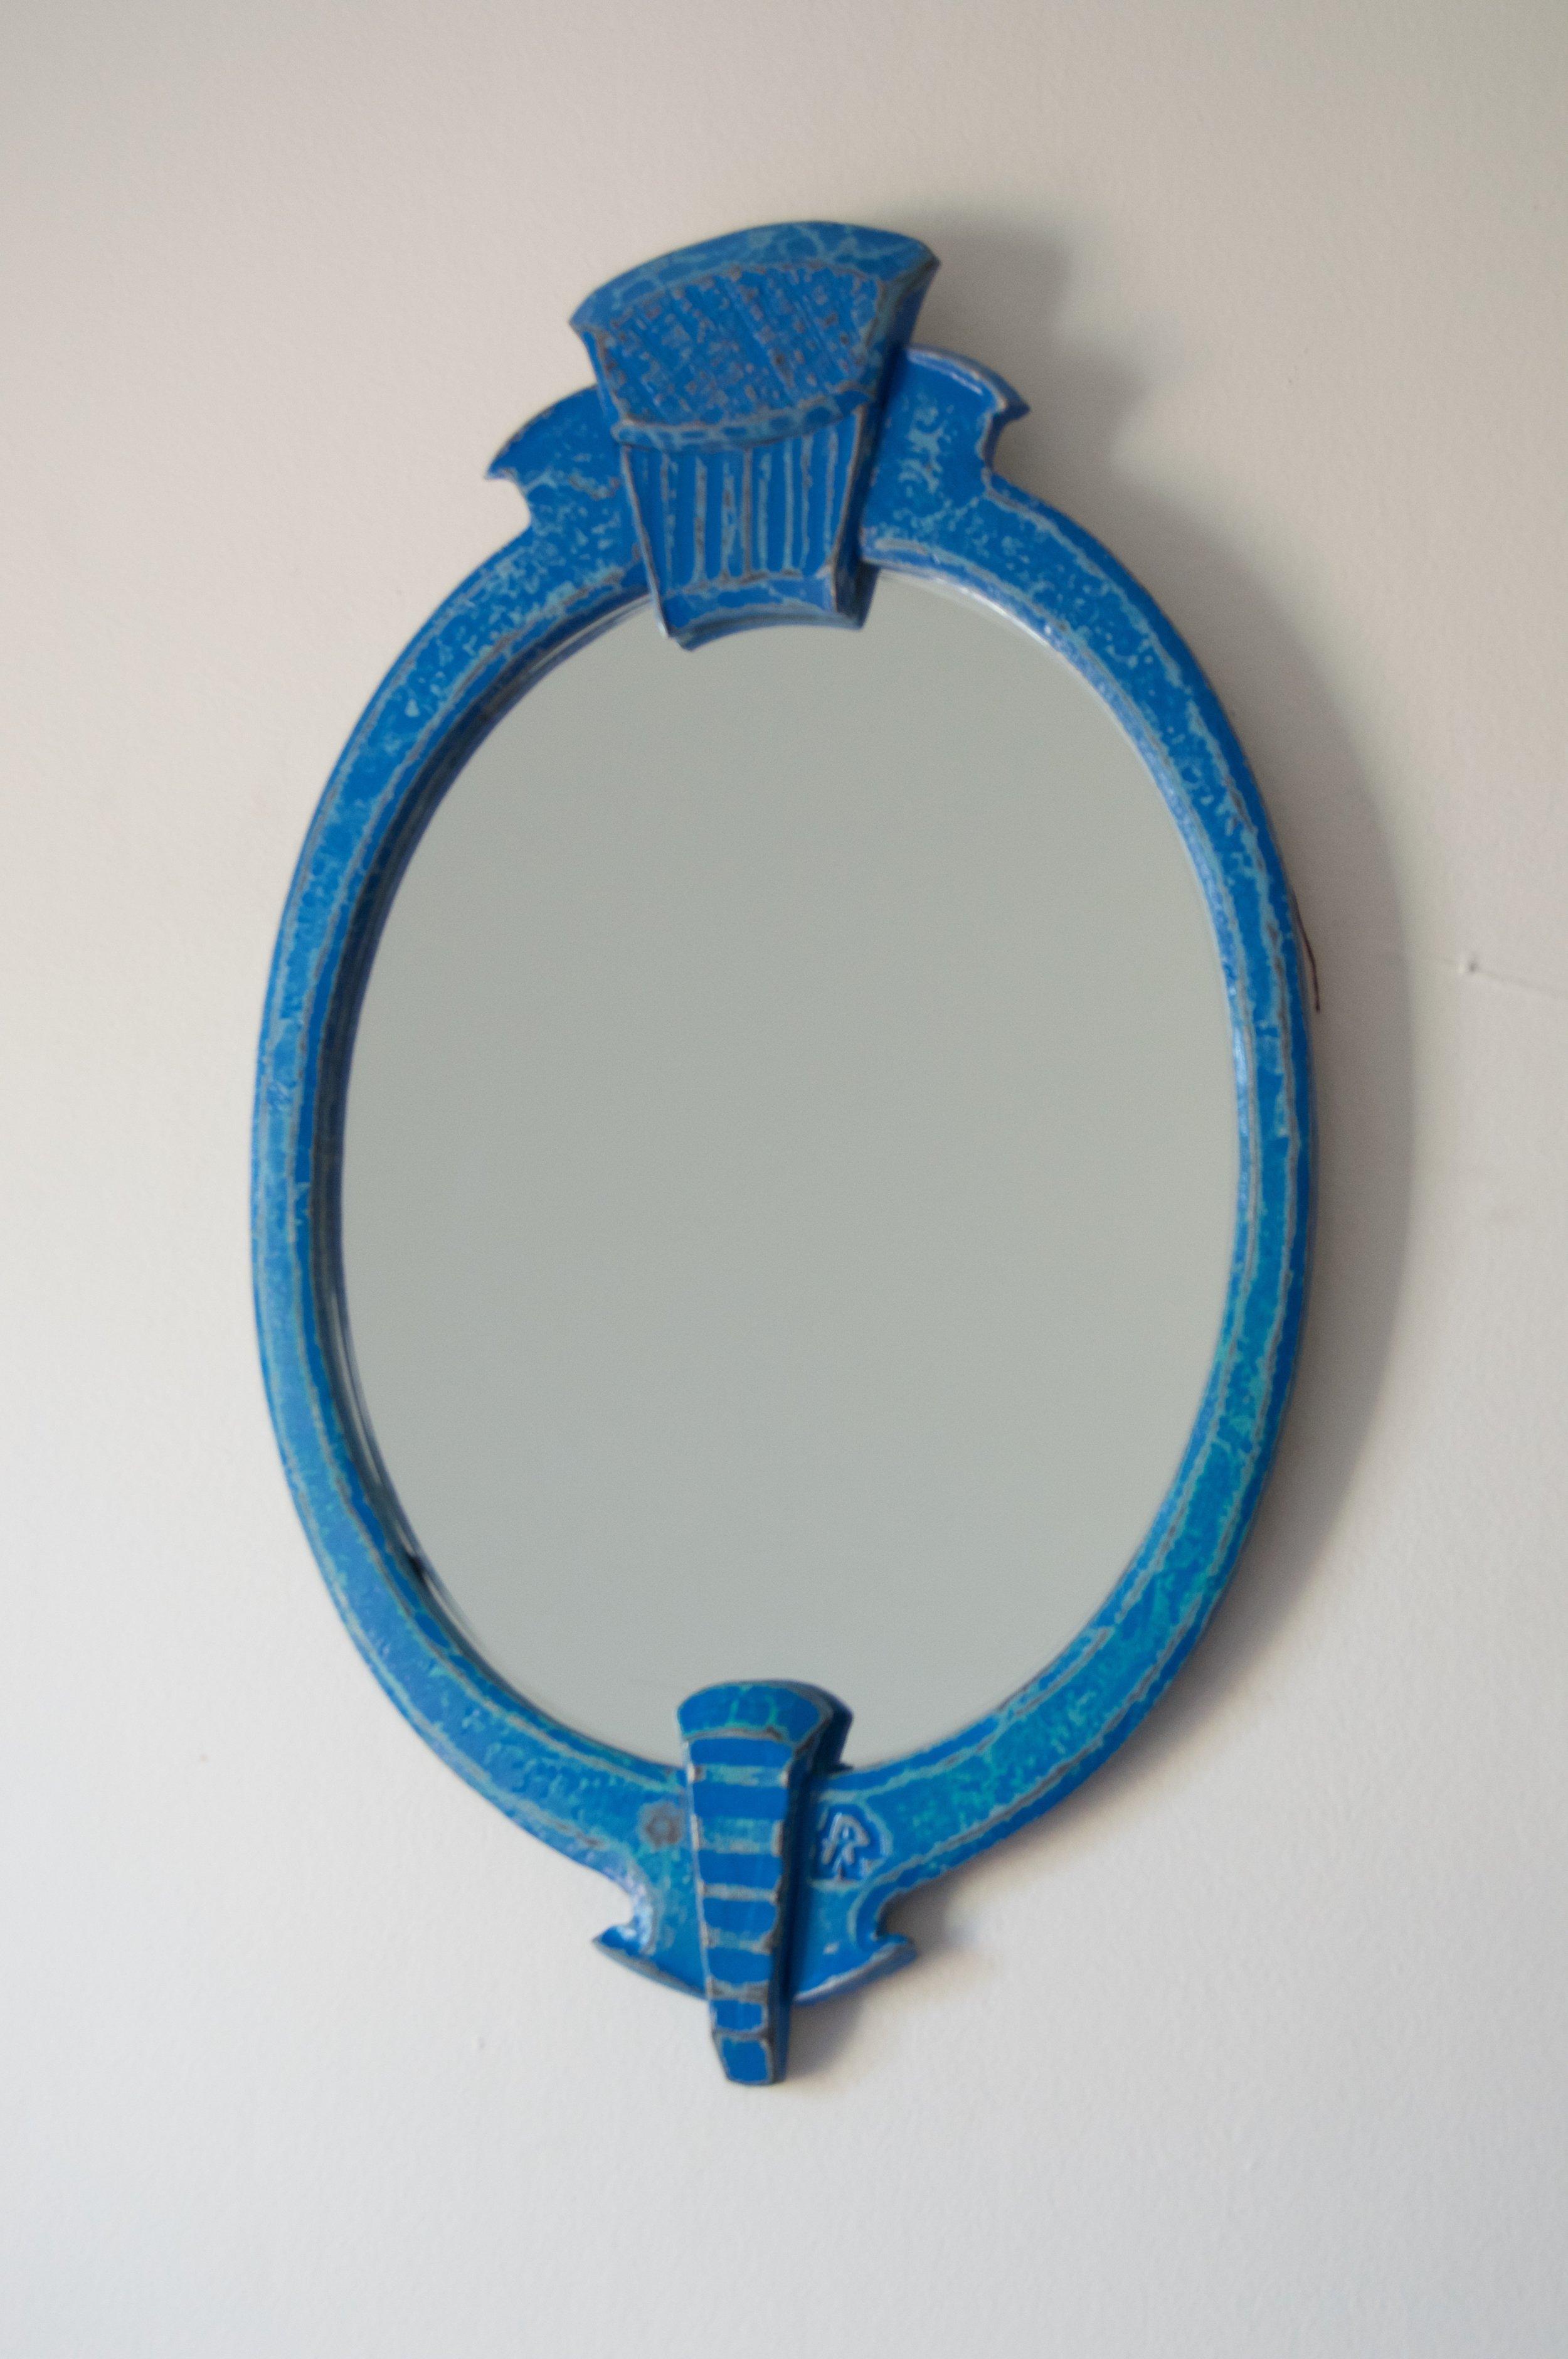 Oval Mirror, mild steel, paint, mirror, 2016